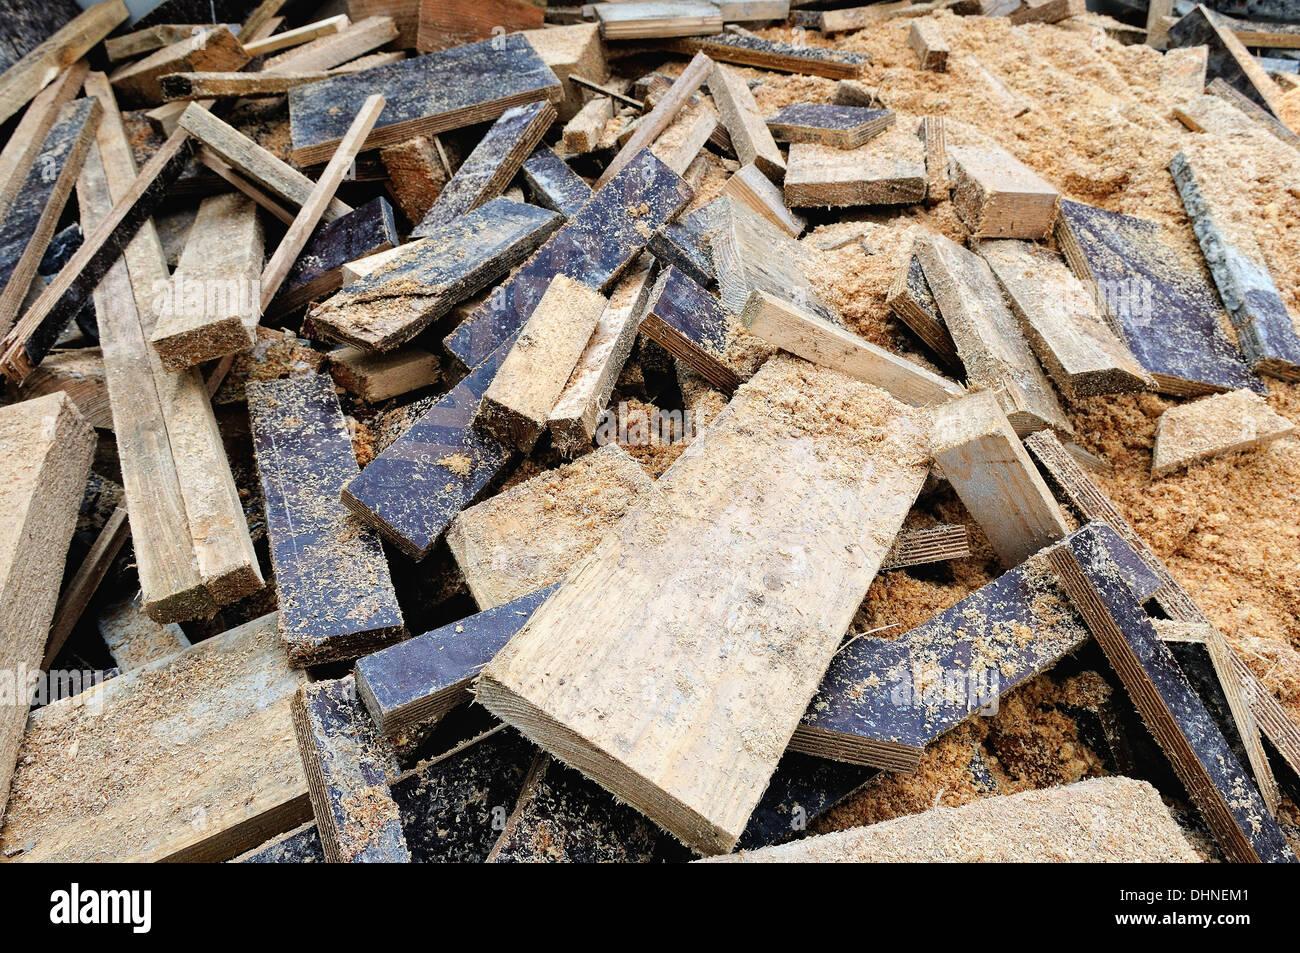 Holzreste Auf Der Baustelle Stockfoto Bild 62552785 Alamy